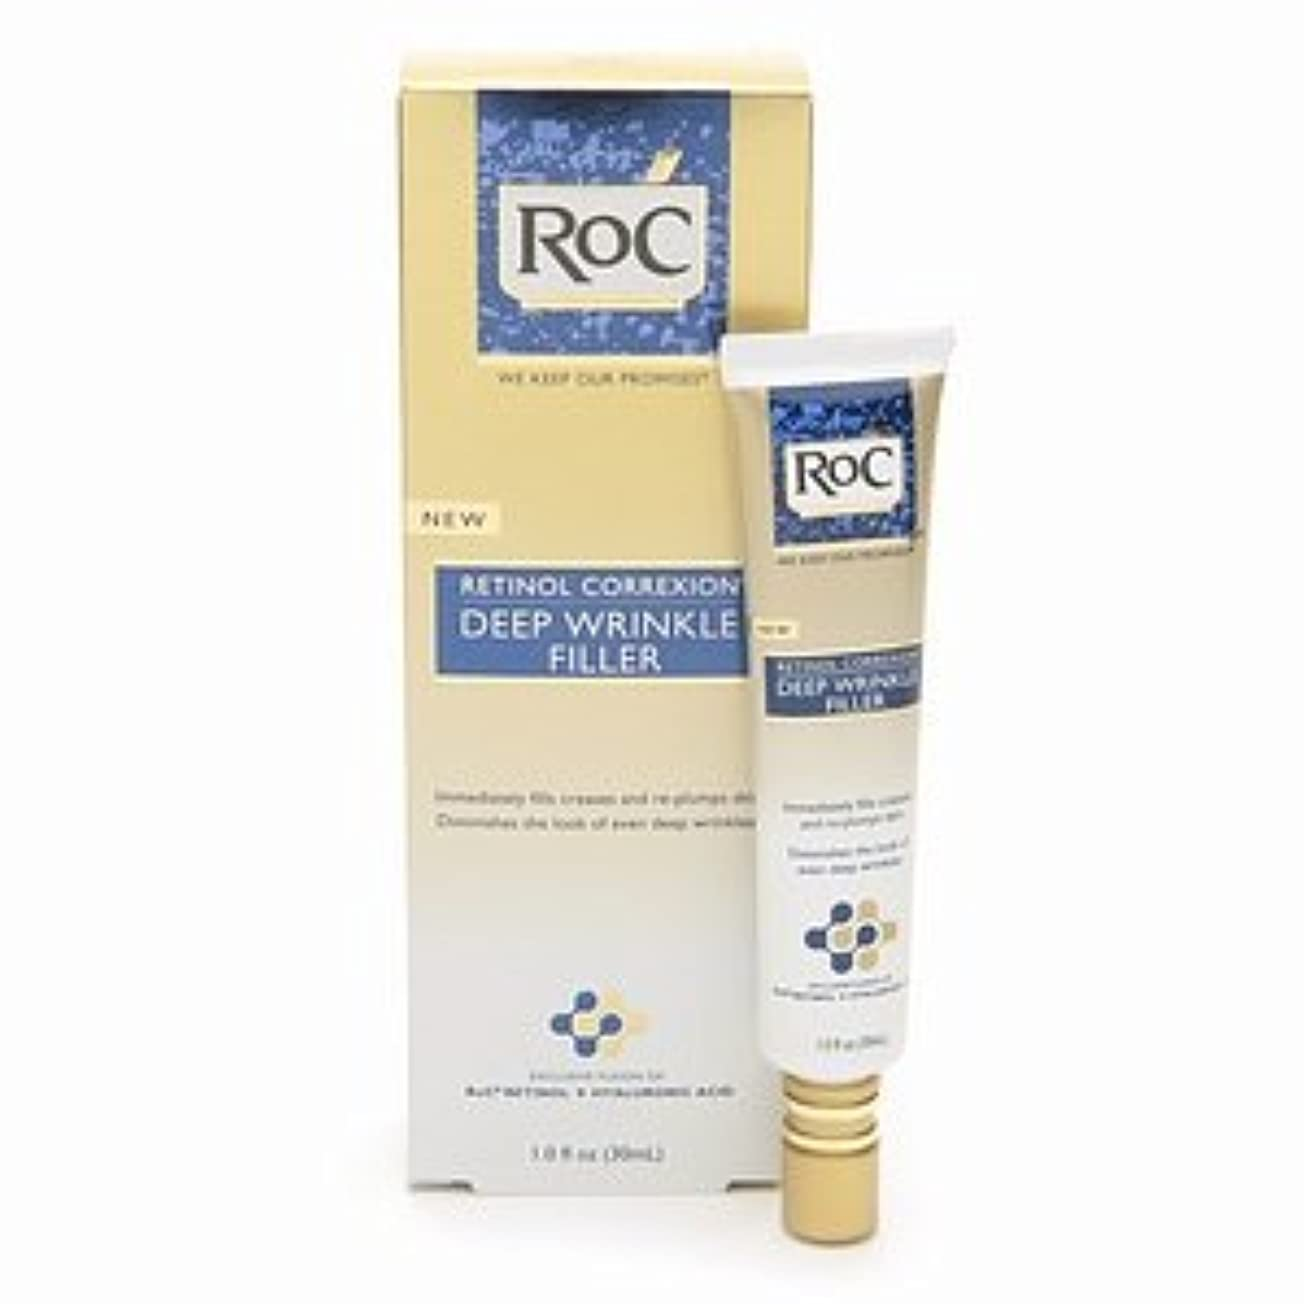 損傷テレビ発生RoC レチノール コレクション ディープリンクル フィラー RoC Retinol Correxion Deep Wrinkle Filler